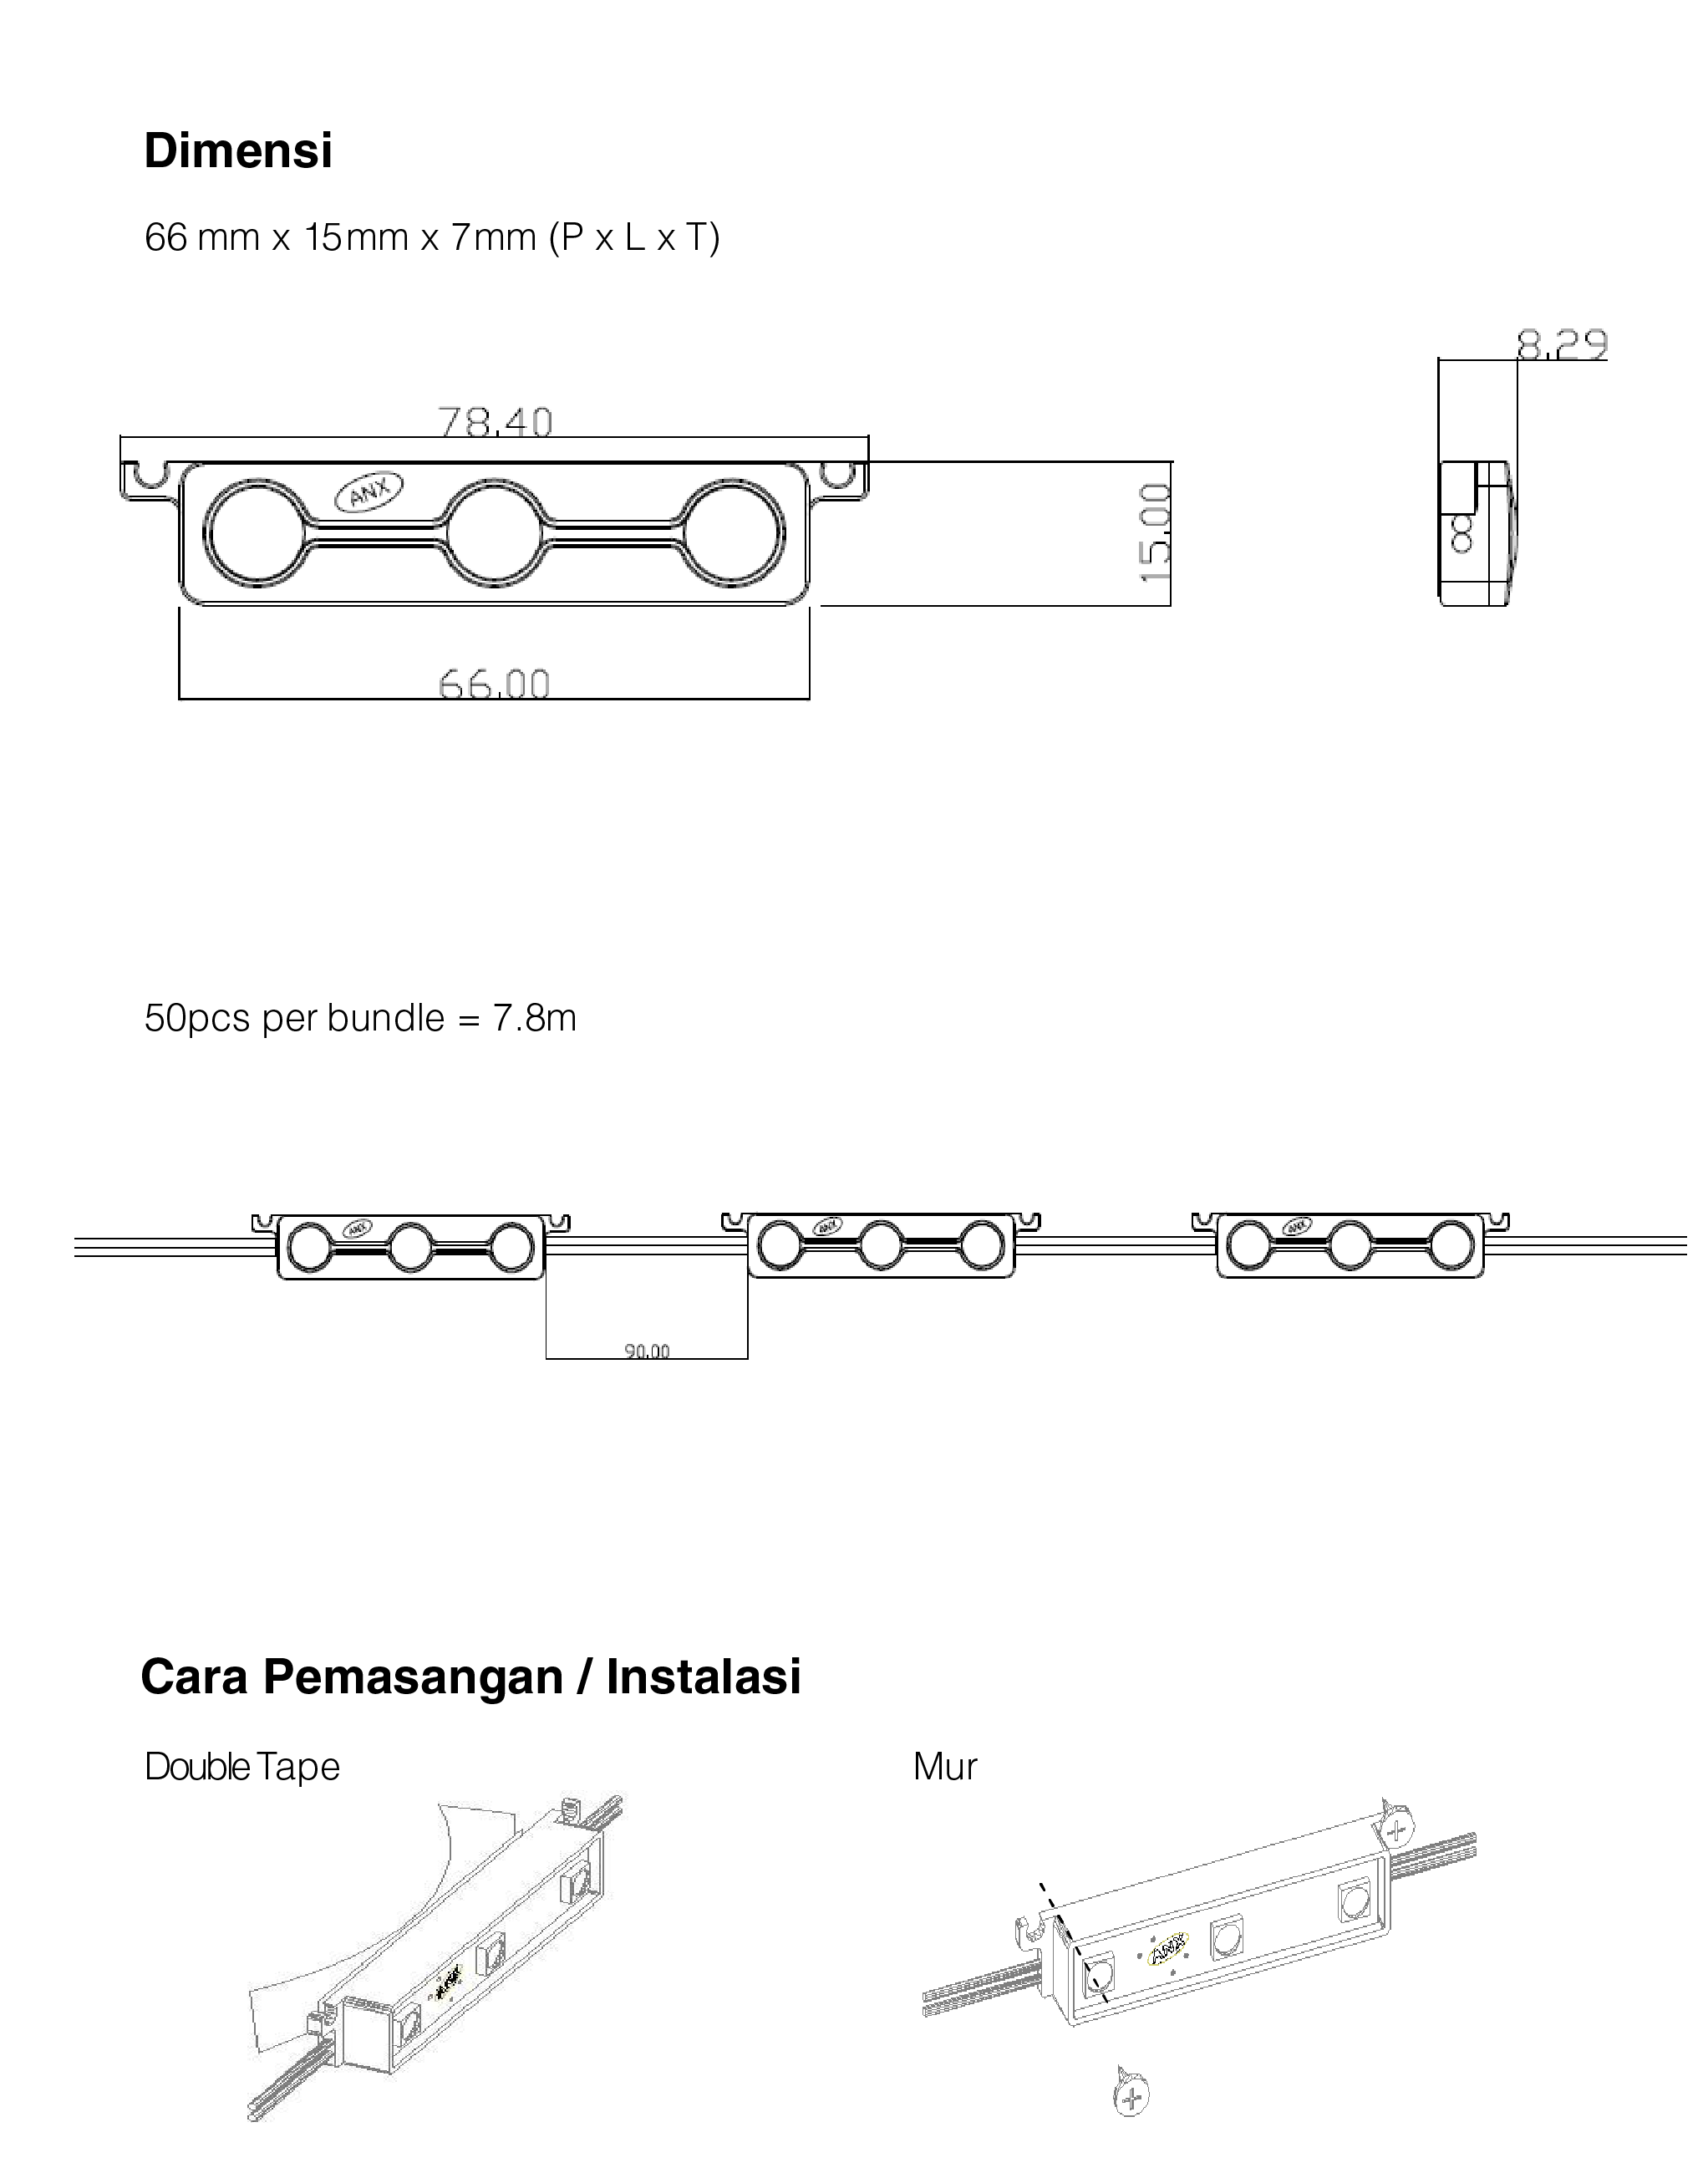 Dimensi dan Cara Pemasangan Lampu LED Module Anylux Korea